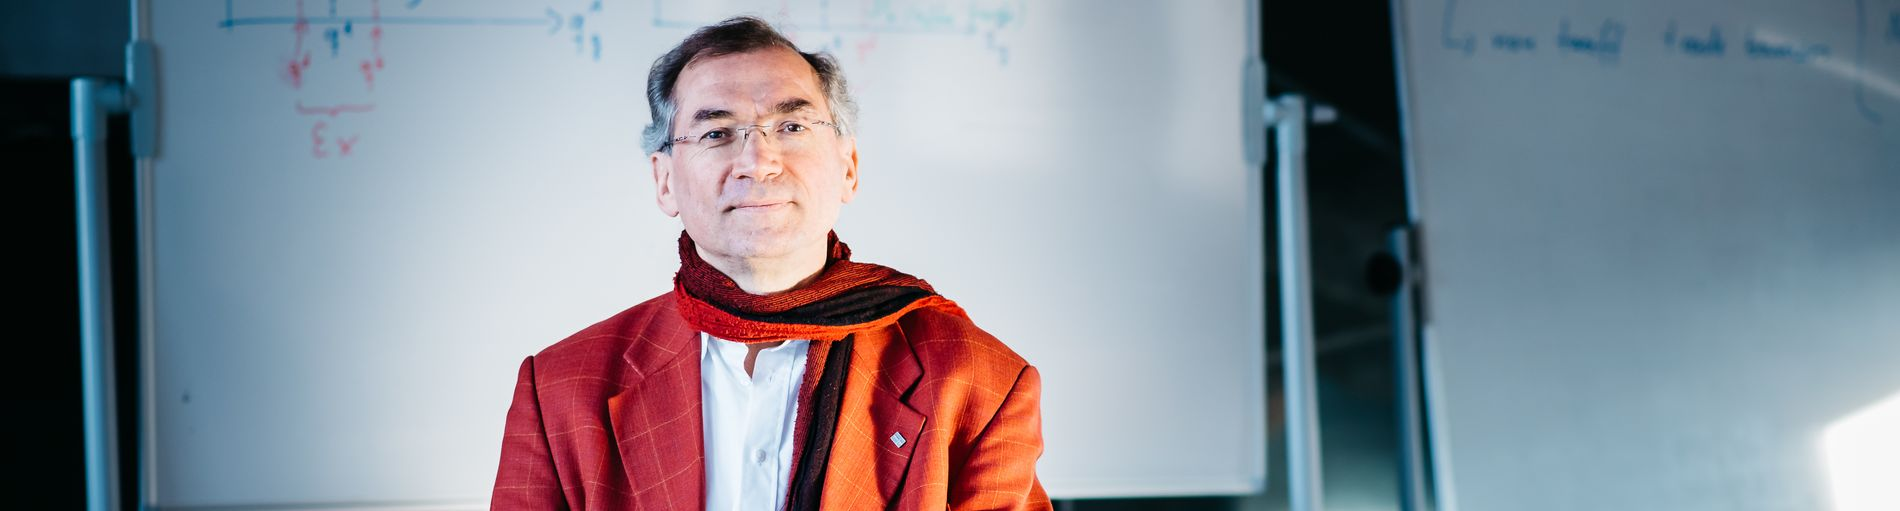 Ein Mann mit rotem Sakko und rotem Schal blickt in die Kamera; Quelle WFB/Jonas Ginter